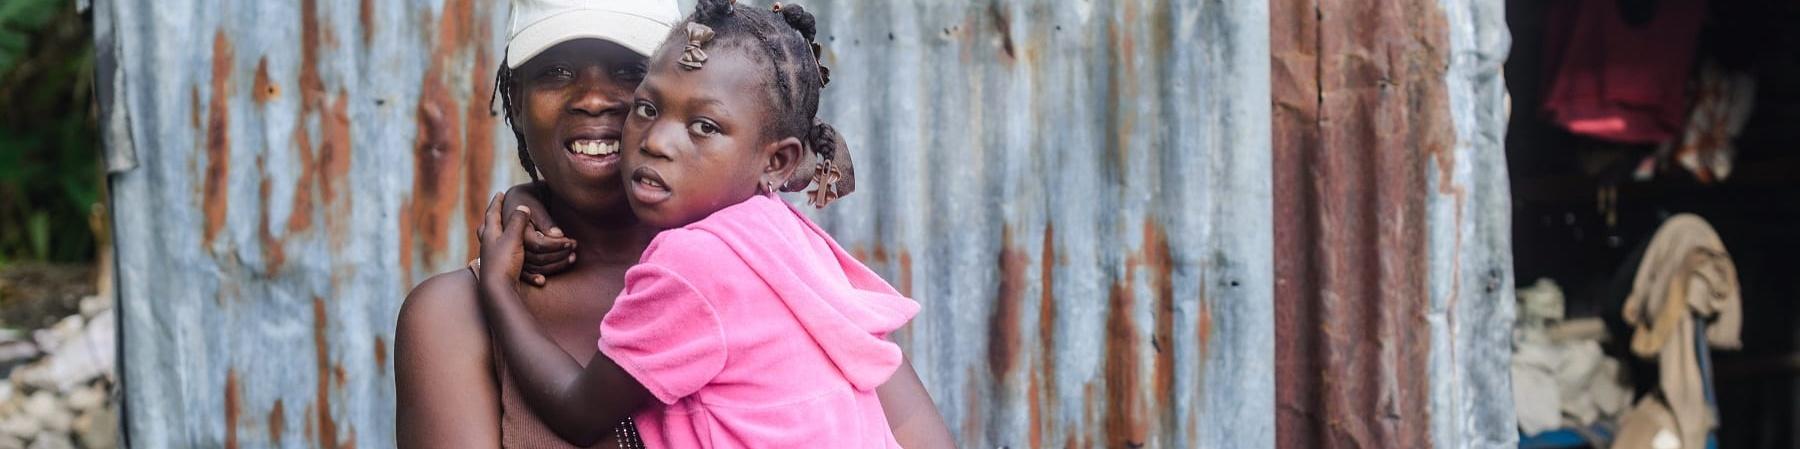 Una donna haitiana tiene in braccio la sua bambina che indossa un vestito rosa e le tiene le braccia strette intorno al collo. La donna indossa una maglietta marrone e un cappellino bianco in testa. Dietro di loro si vedono le lamiere di una baracca.